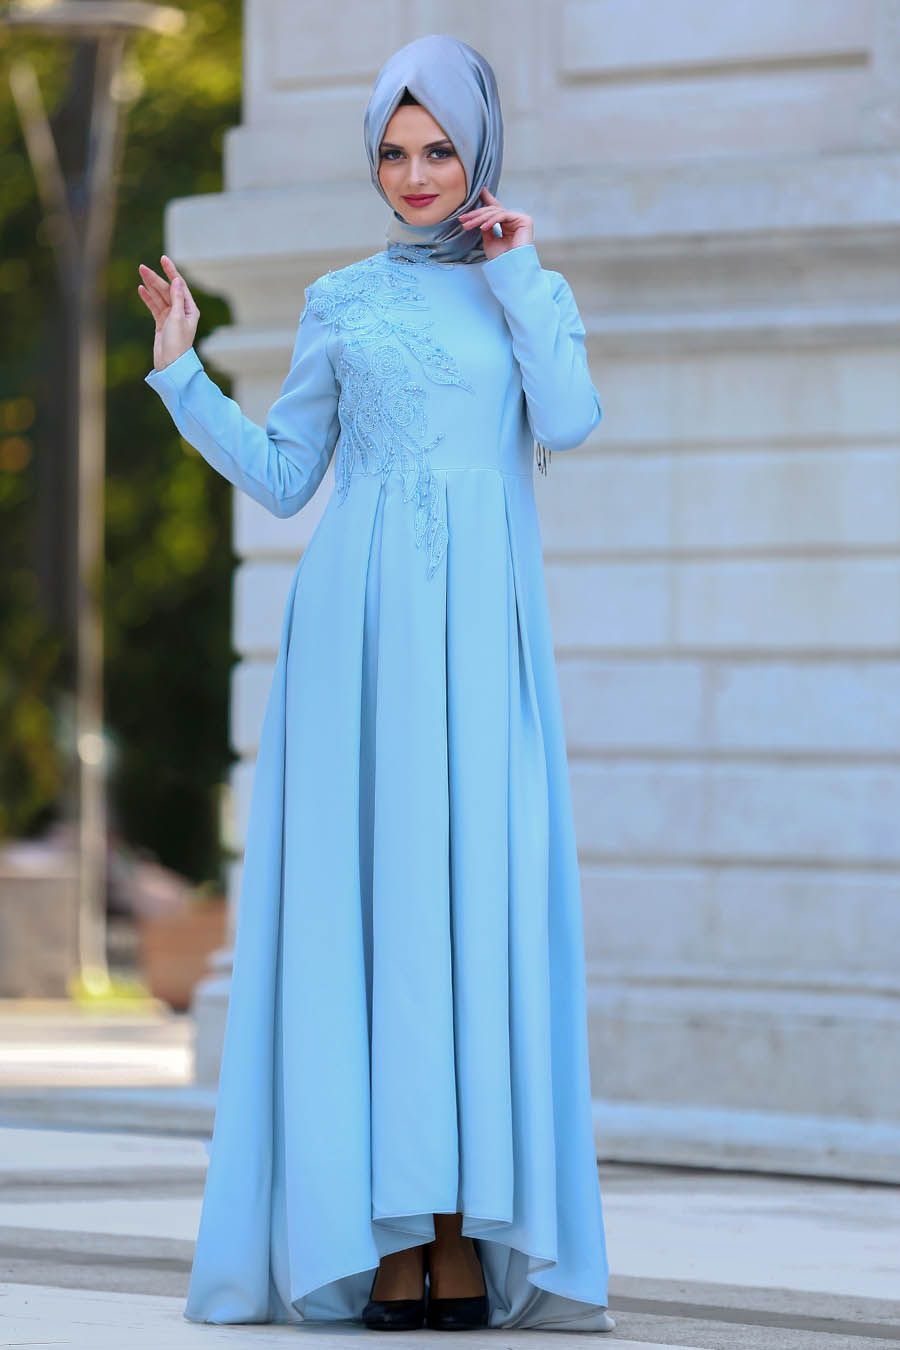 5c0c6b85a4c14 2018 Yeni Sezon Abiye Koleksiyonu - Neva Style - Pileli Bebek Mavisi  Tesettür Abiye Elbise 3520BM